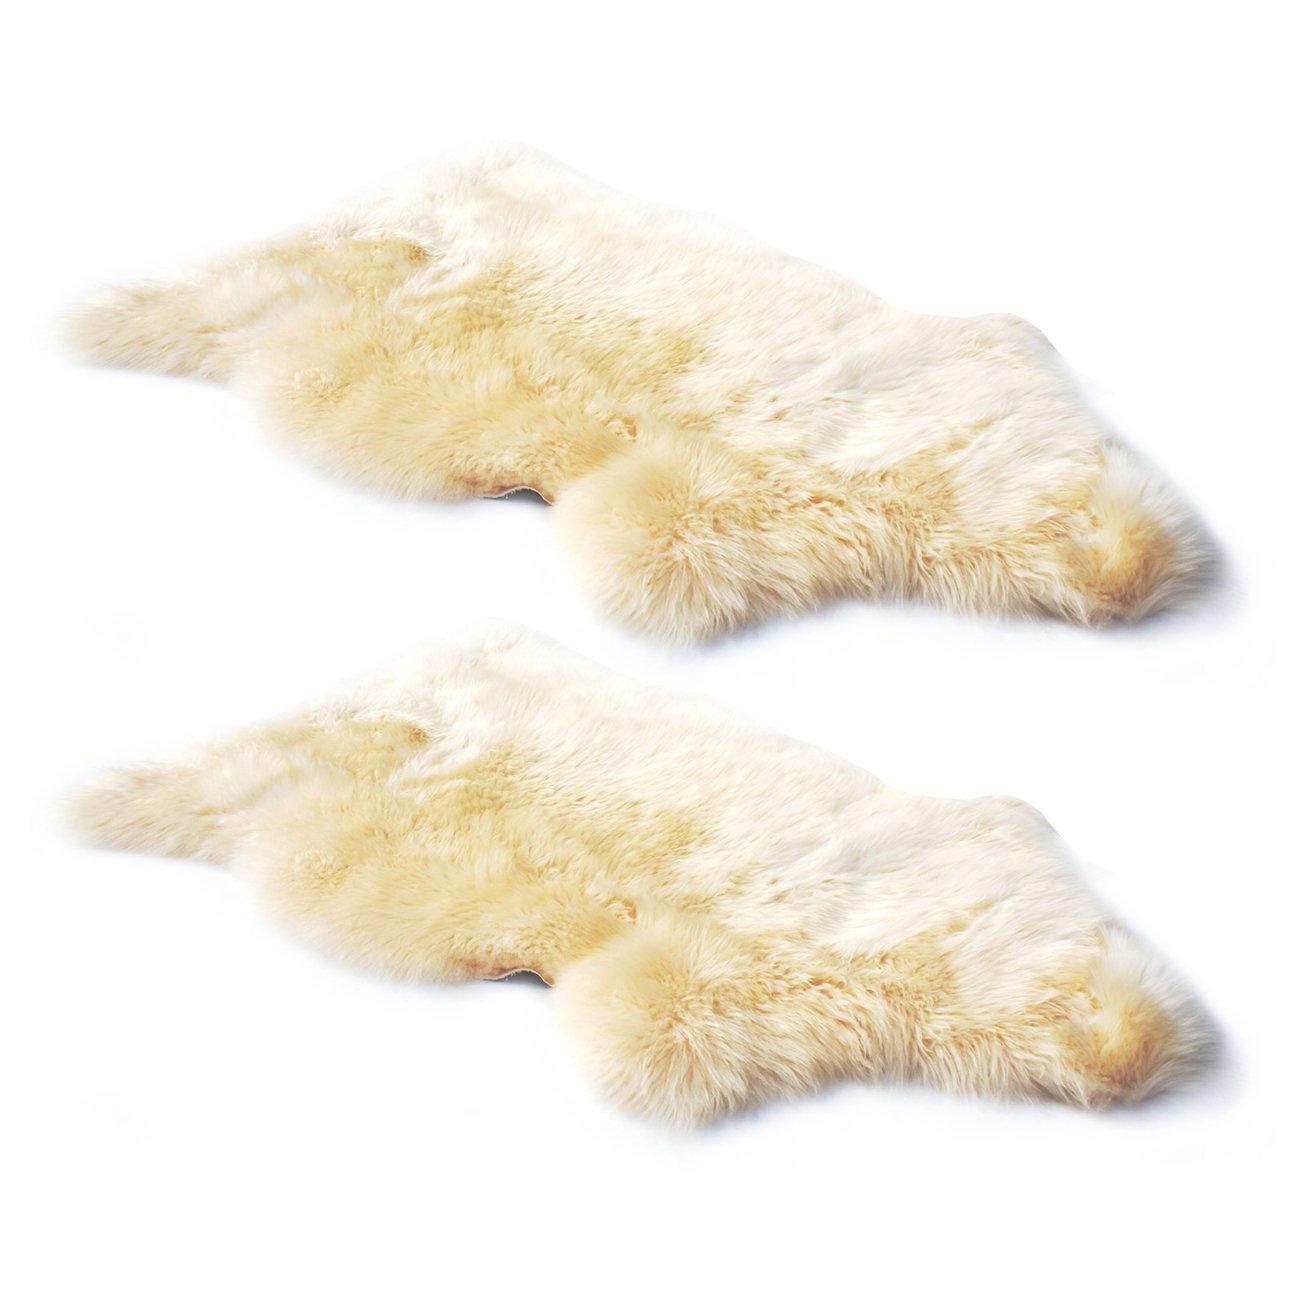 Bowron Sheepskin UnShorn Baby Comforteer - 2 Count